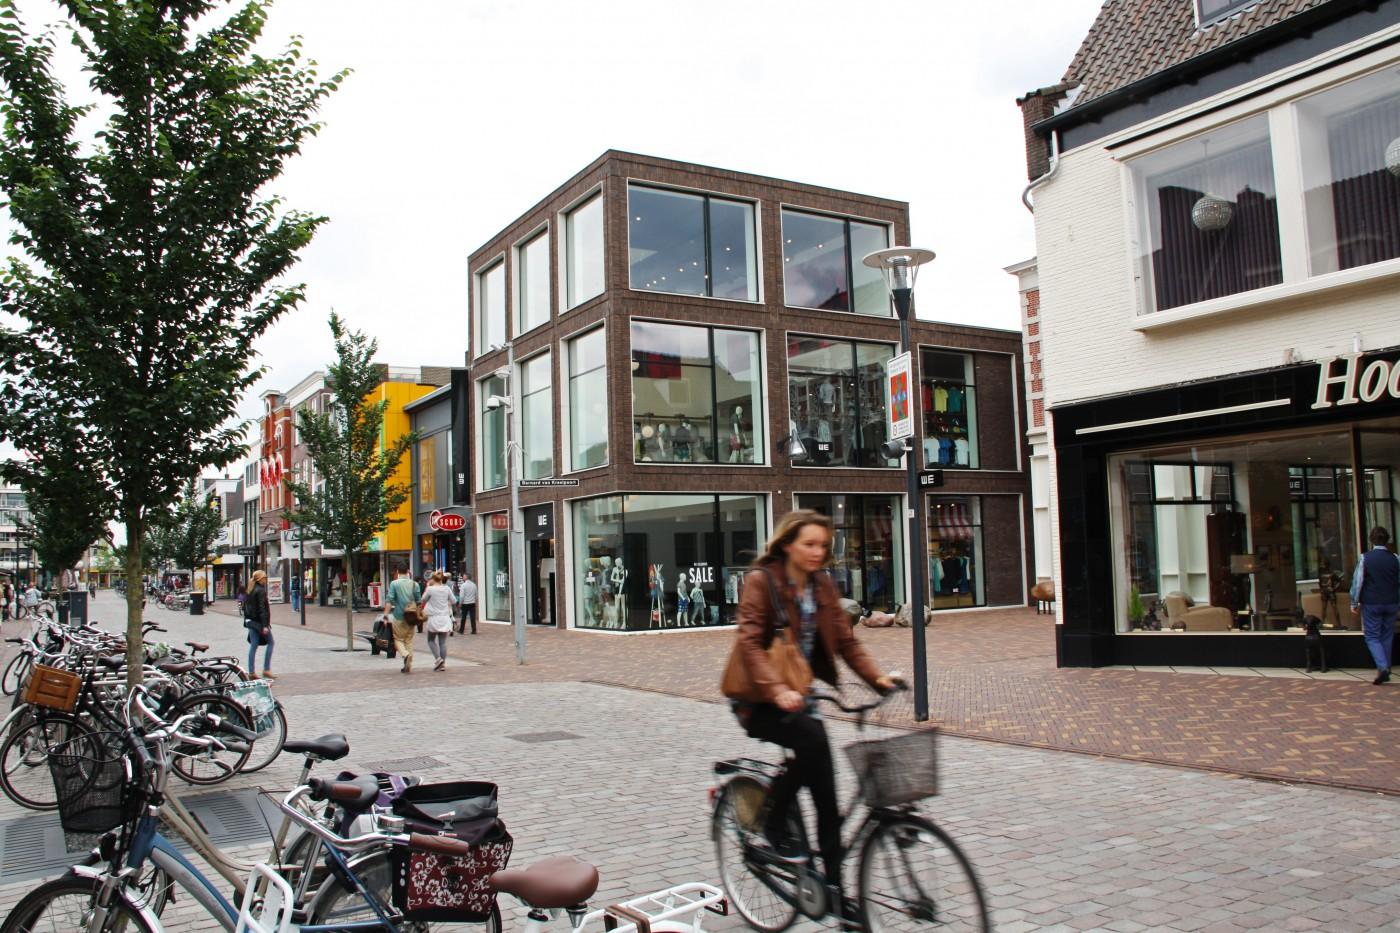 buro-sant-en-co-landschapsarchitectuur-veenendaal-winkelgebied-hoofdstraat-winkelstraat-herinrichting